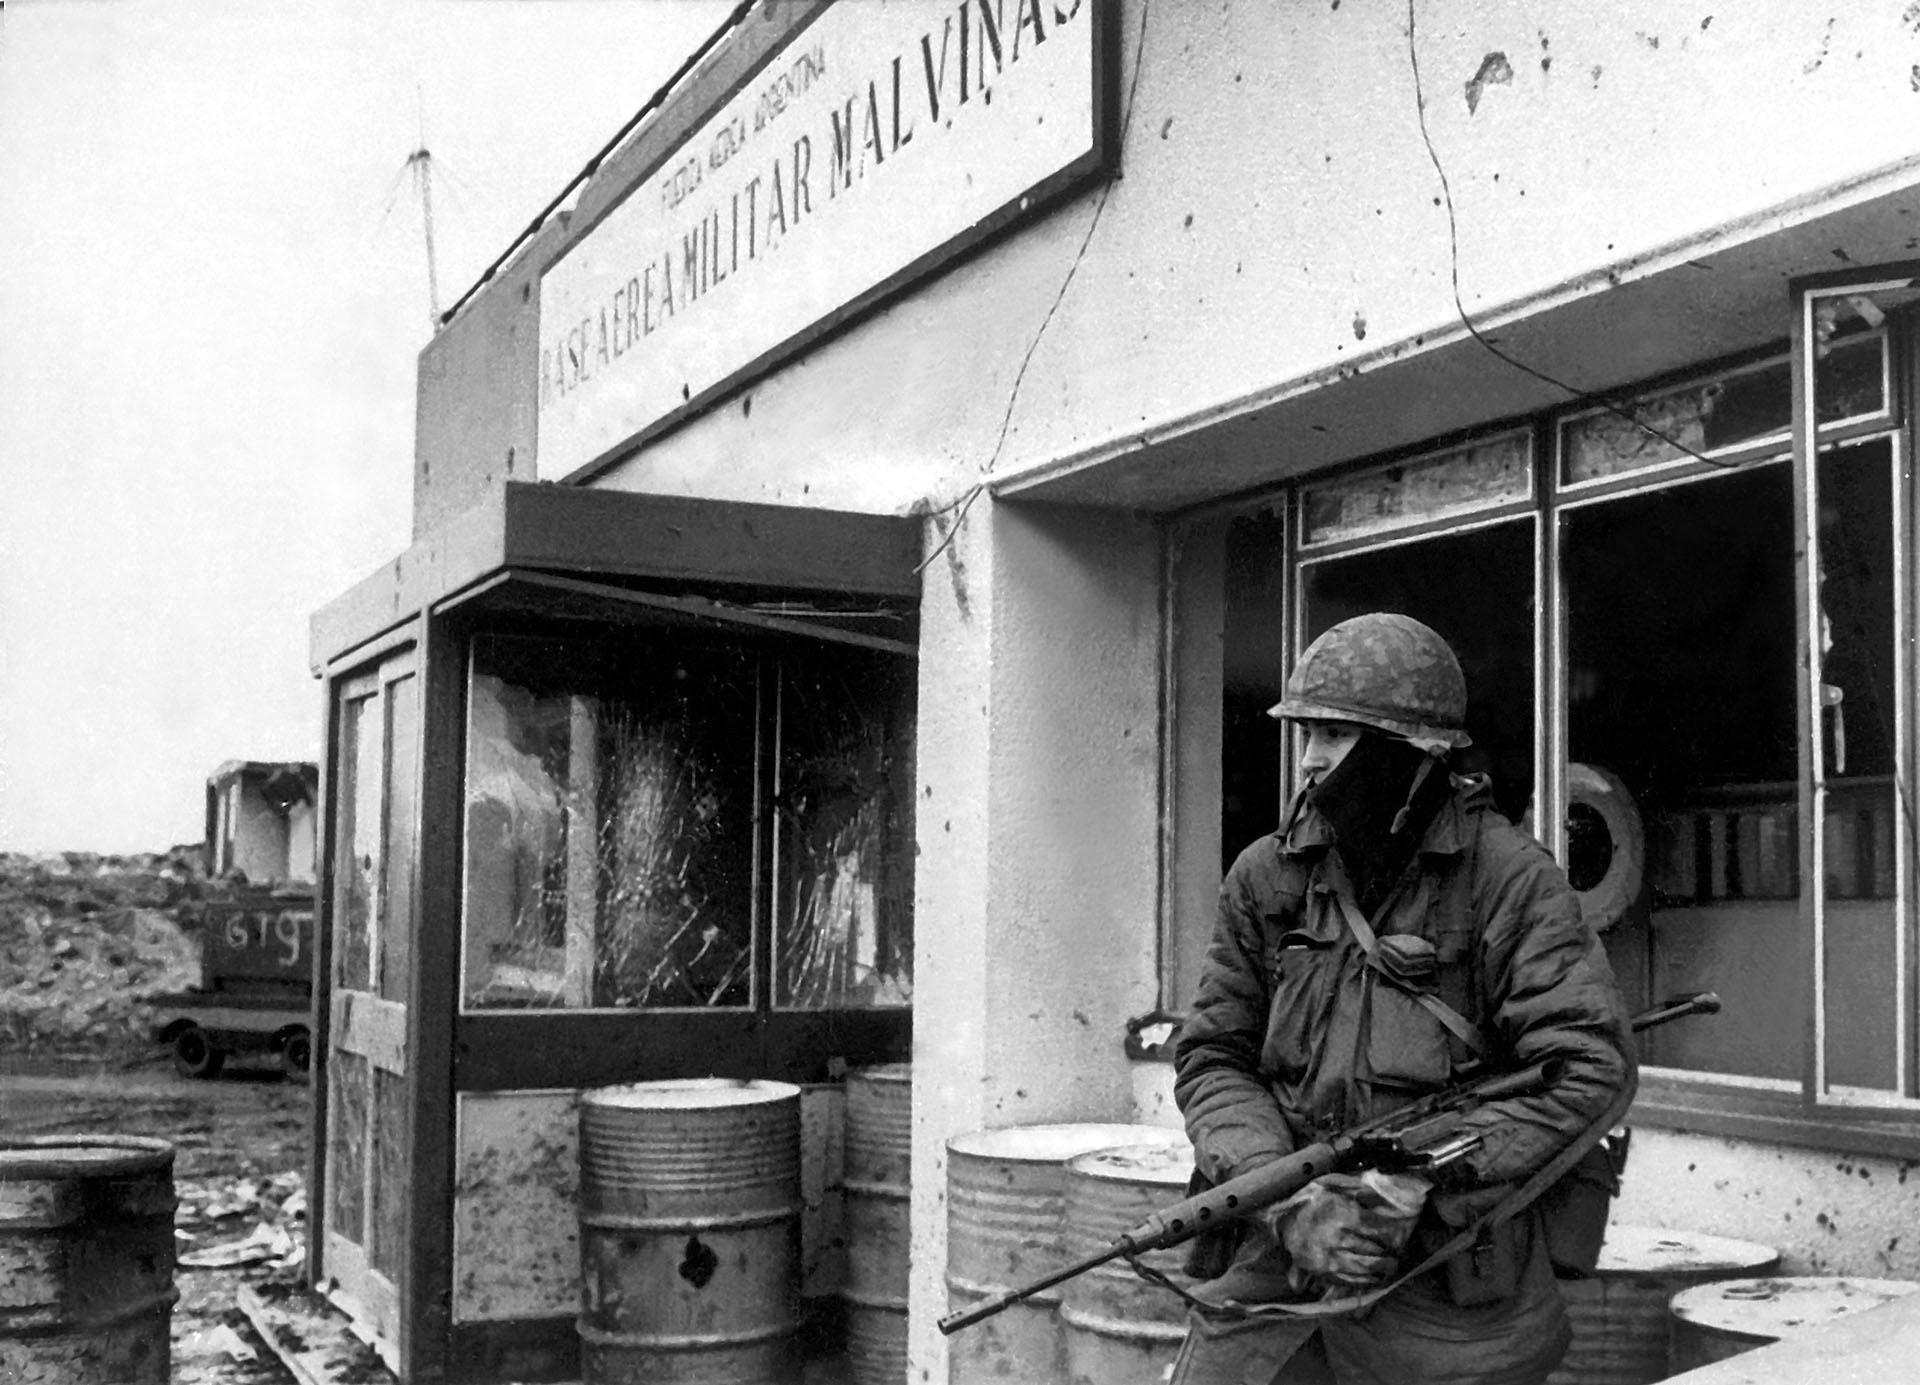 Estoico, en soledad, el soldado custodia la entrada de la Base Militar Malvinas. Los vidrios de las ventanas están hechos añicos o han desaparecido por los efectos de las bombas. Los tambores de gasolina le sirven como apoyo (Foto: Eduardo Farré).